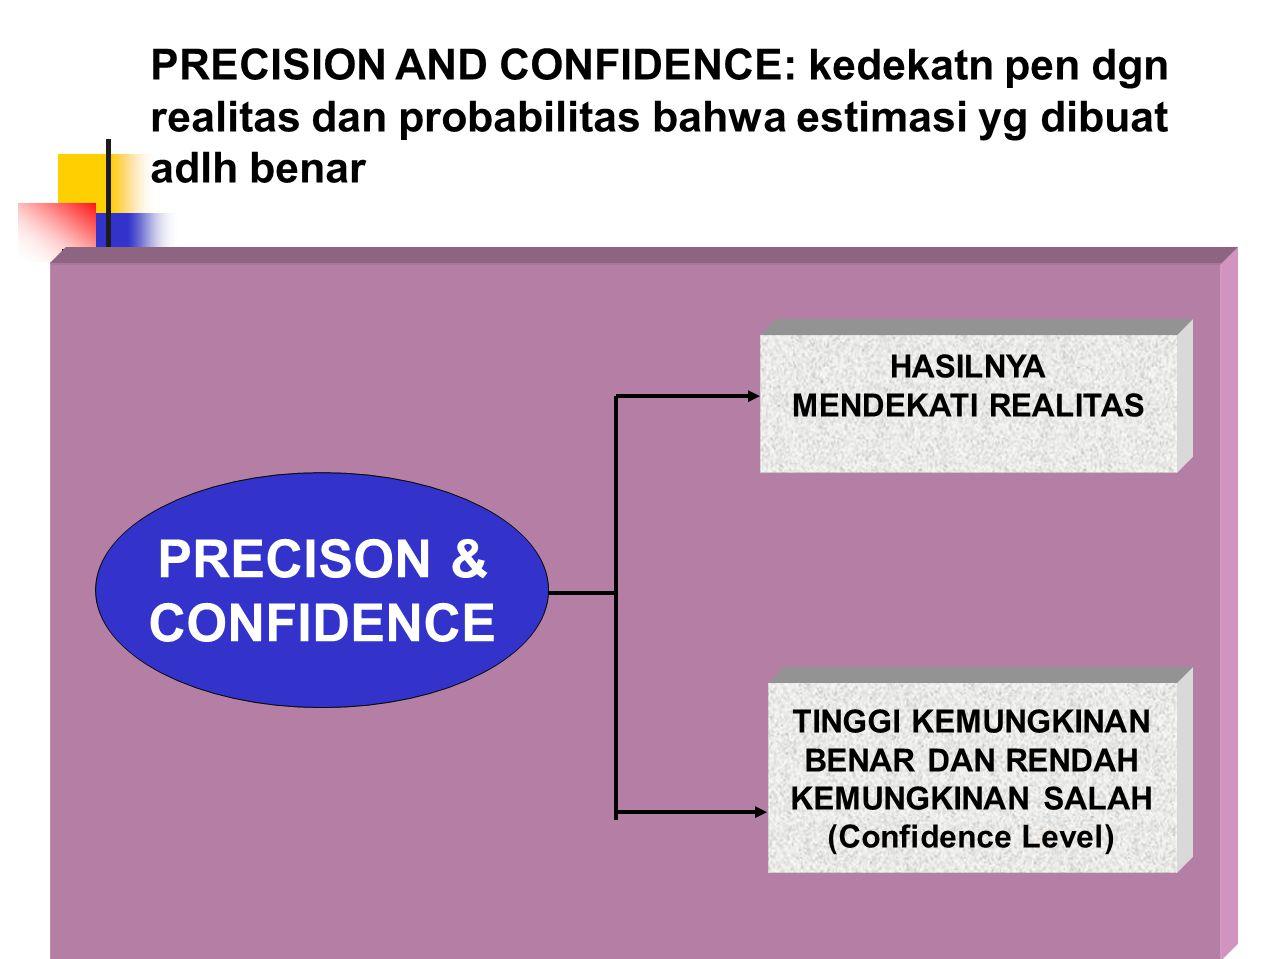 PRECISION AND CONFIDENCE: kedekatn pen dgn realitas dan probabilitas bahwa estimasi yg dibuat adlh benar